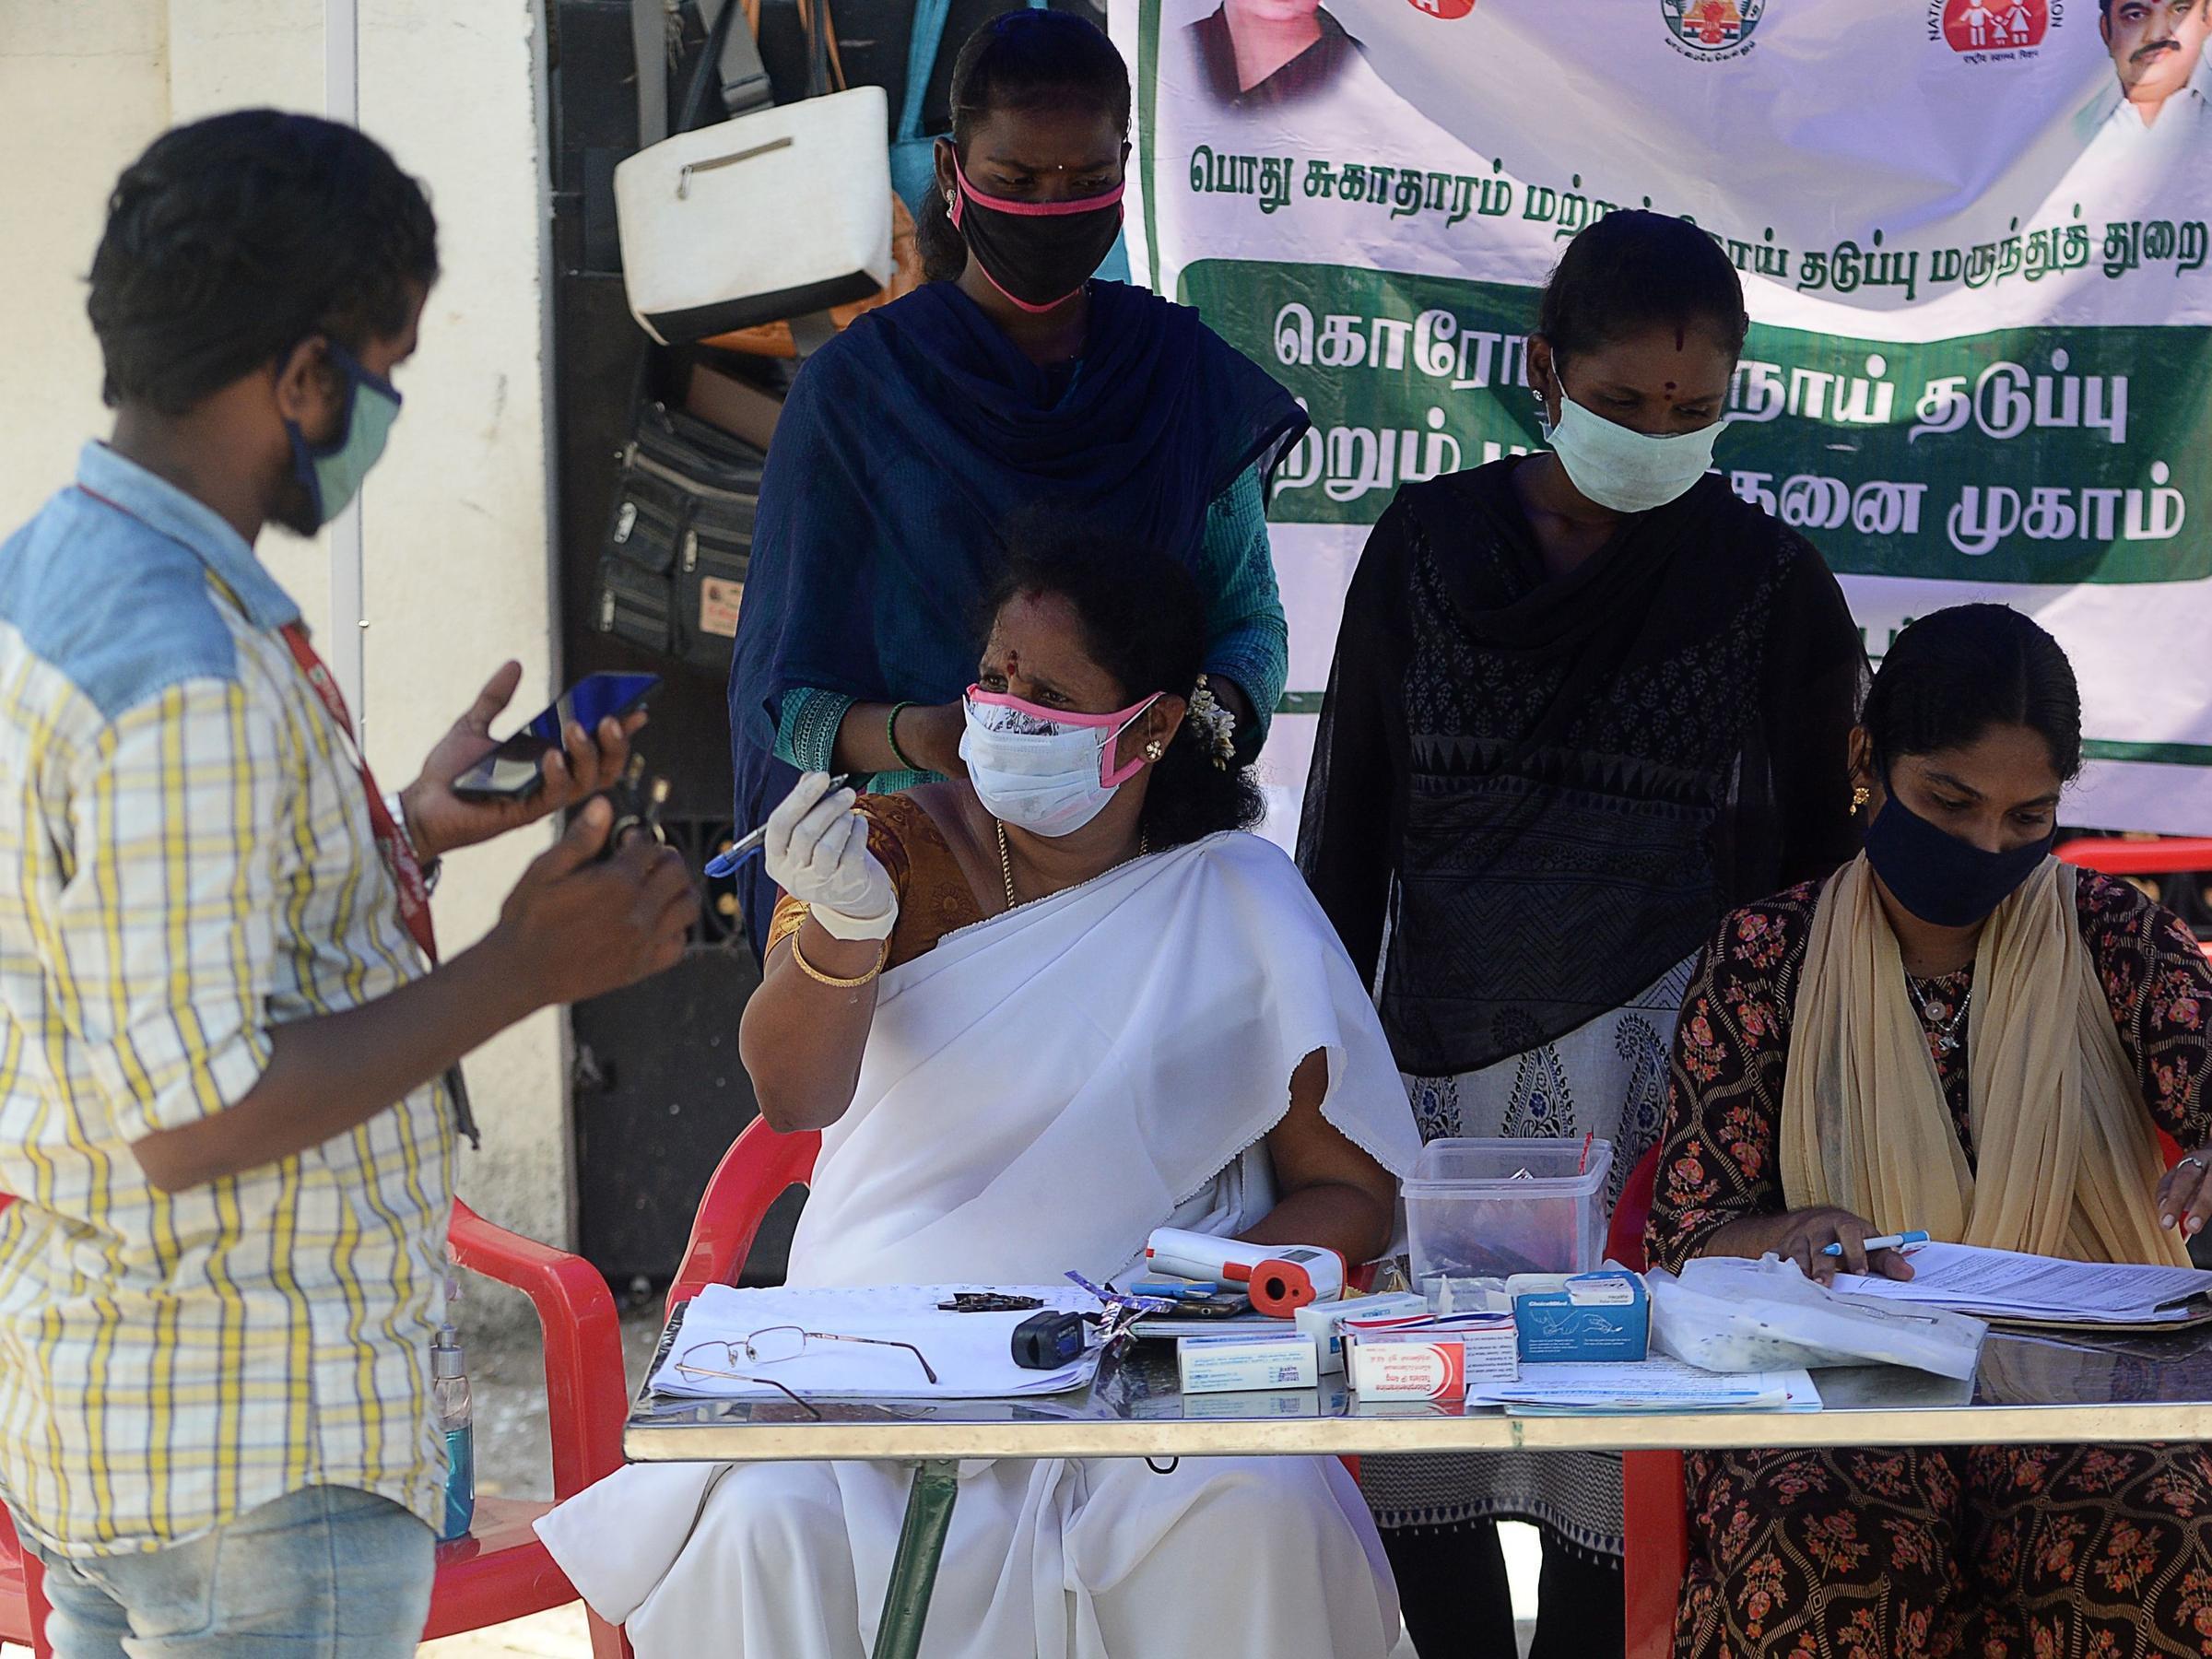 India reporta nuevo récord diario de casos de Coronavirus con 95.735